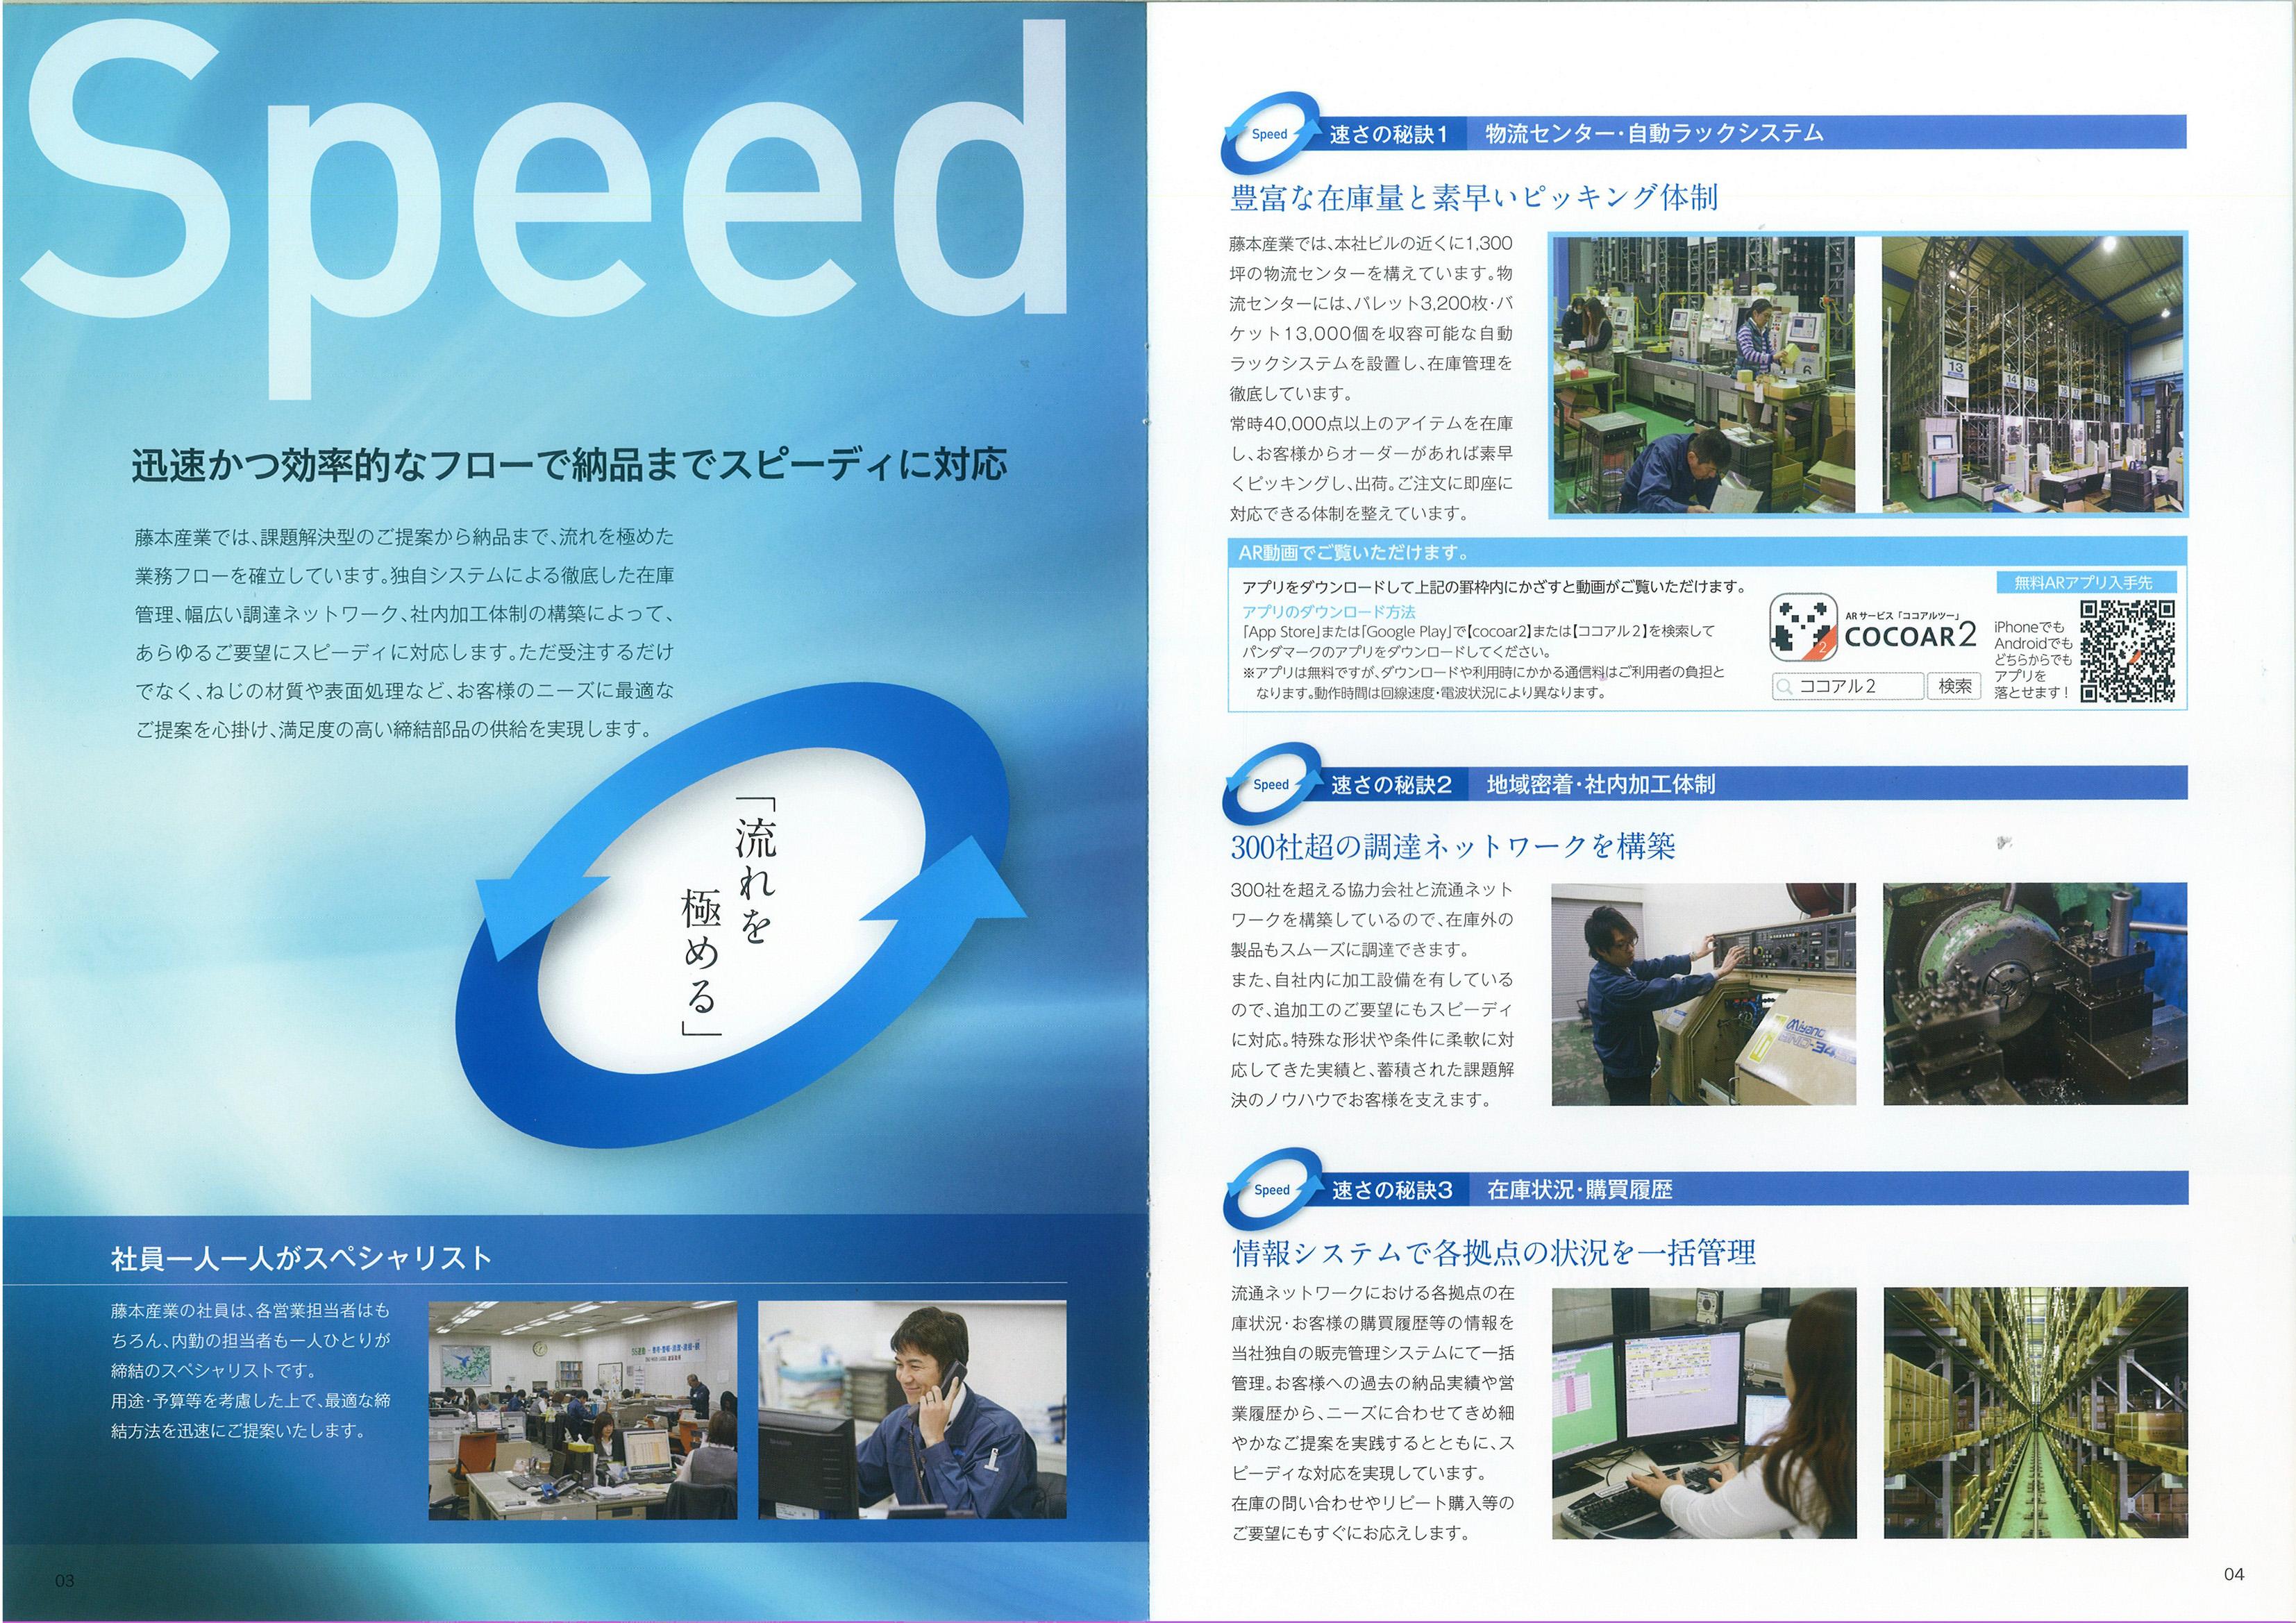 【藤本産業株式会社 様】会社案内にAR印刷を採用していただきました。